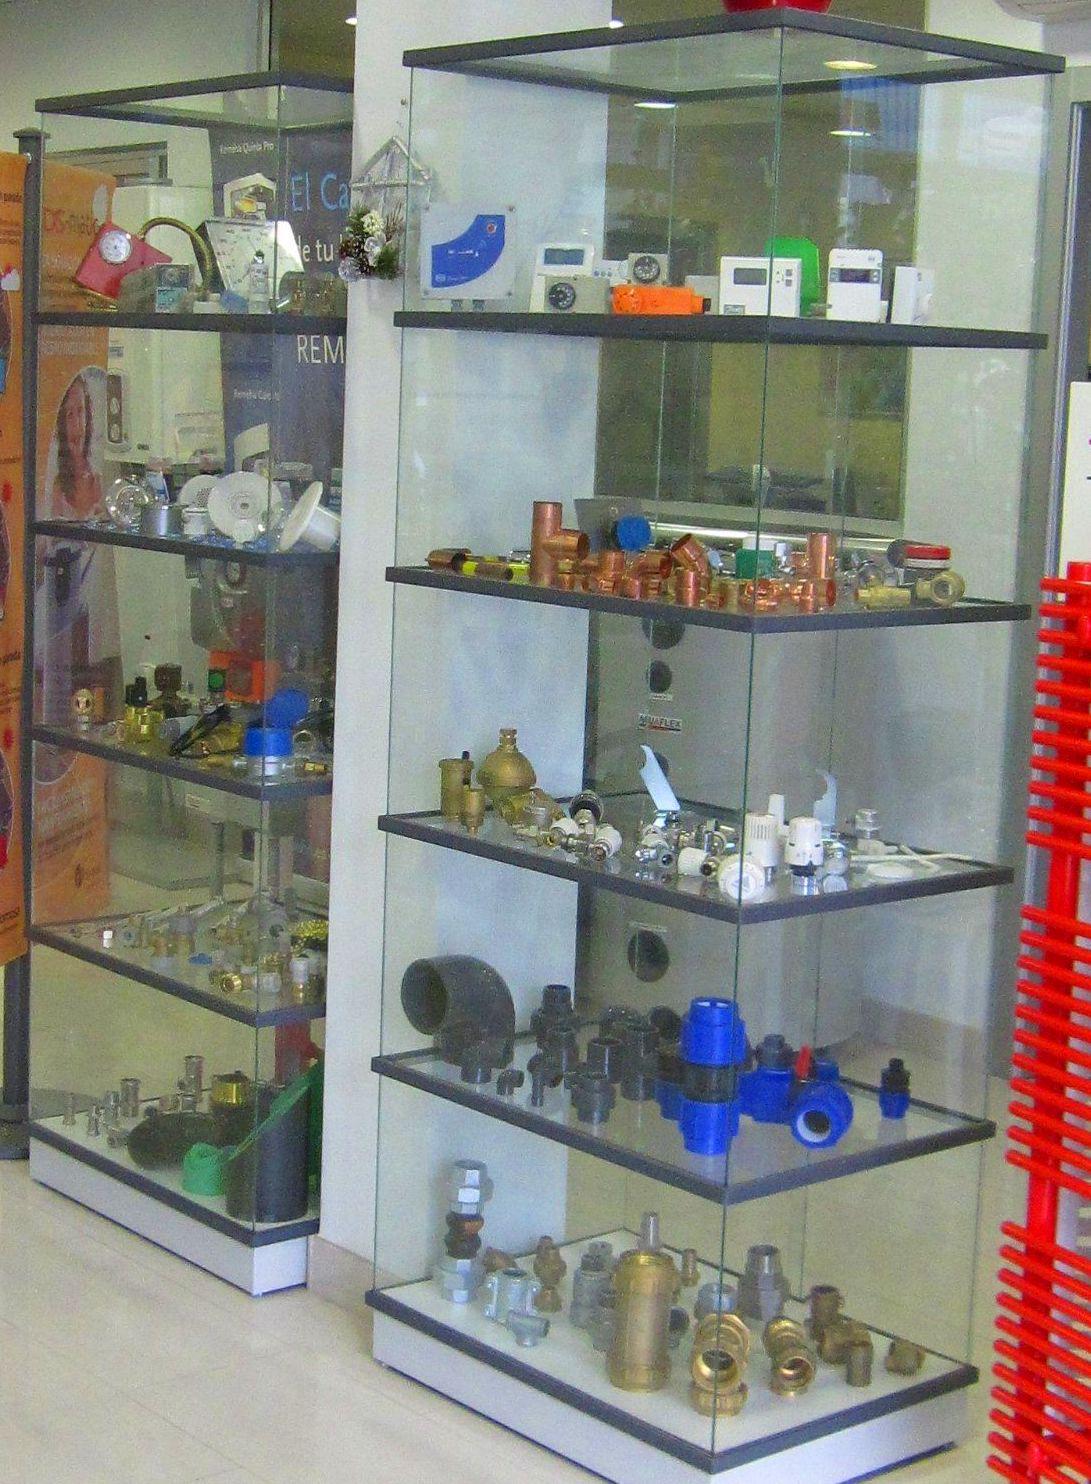 Suministros de fontanería: Servicios de Suministros y Distribuciones Estrada, S. L.